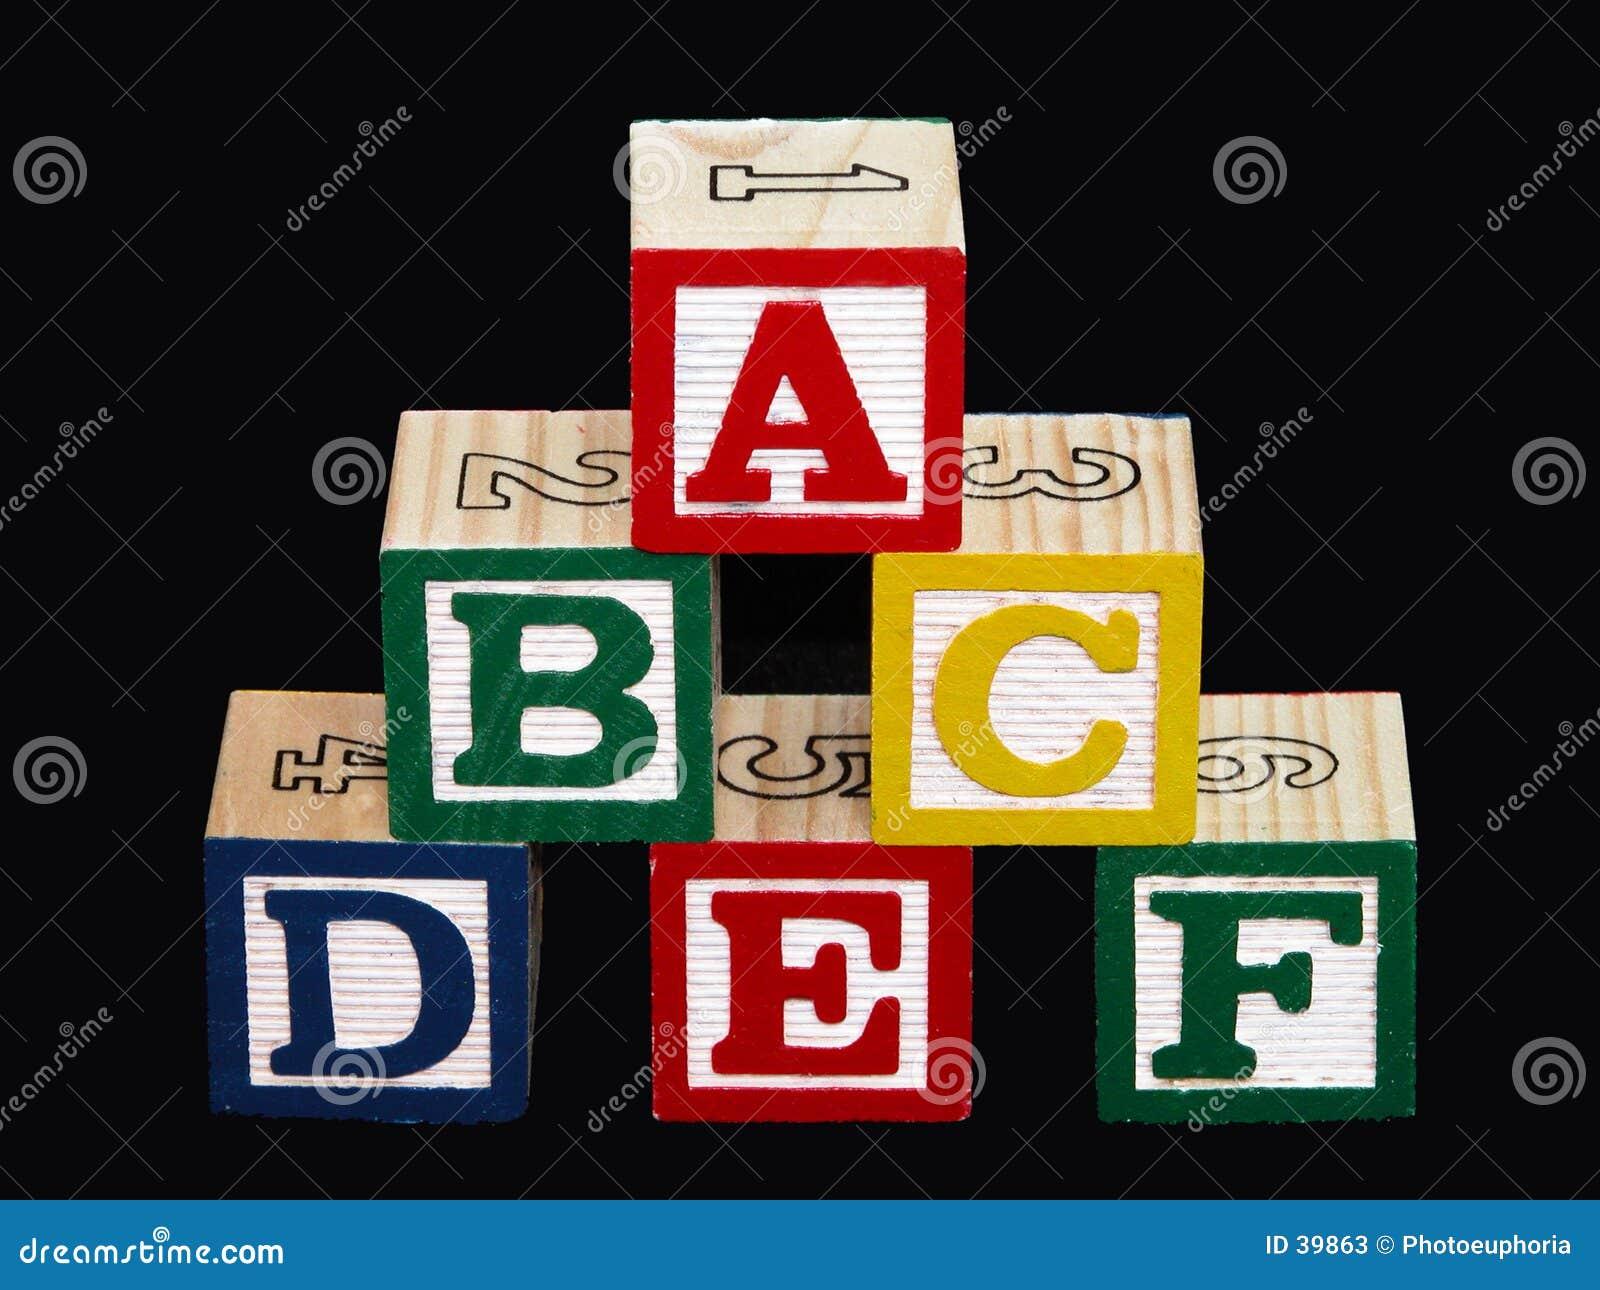 Blocchetti di alfabeto (A-F) sul nero